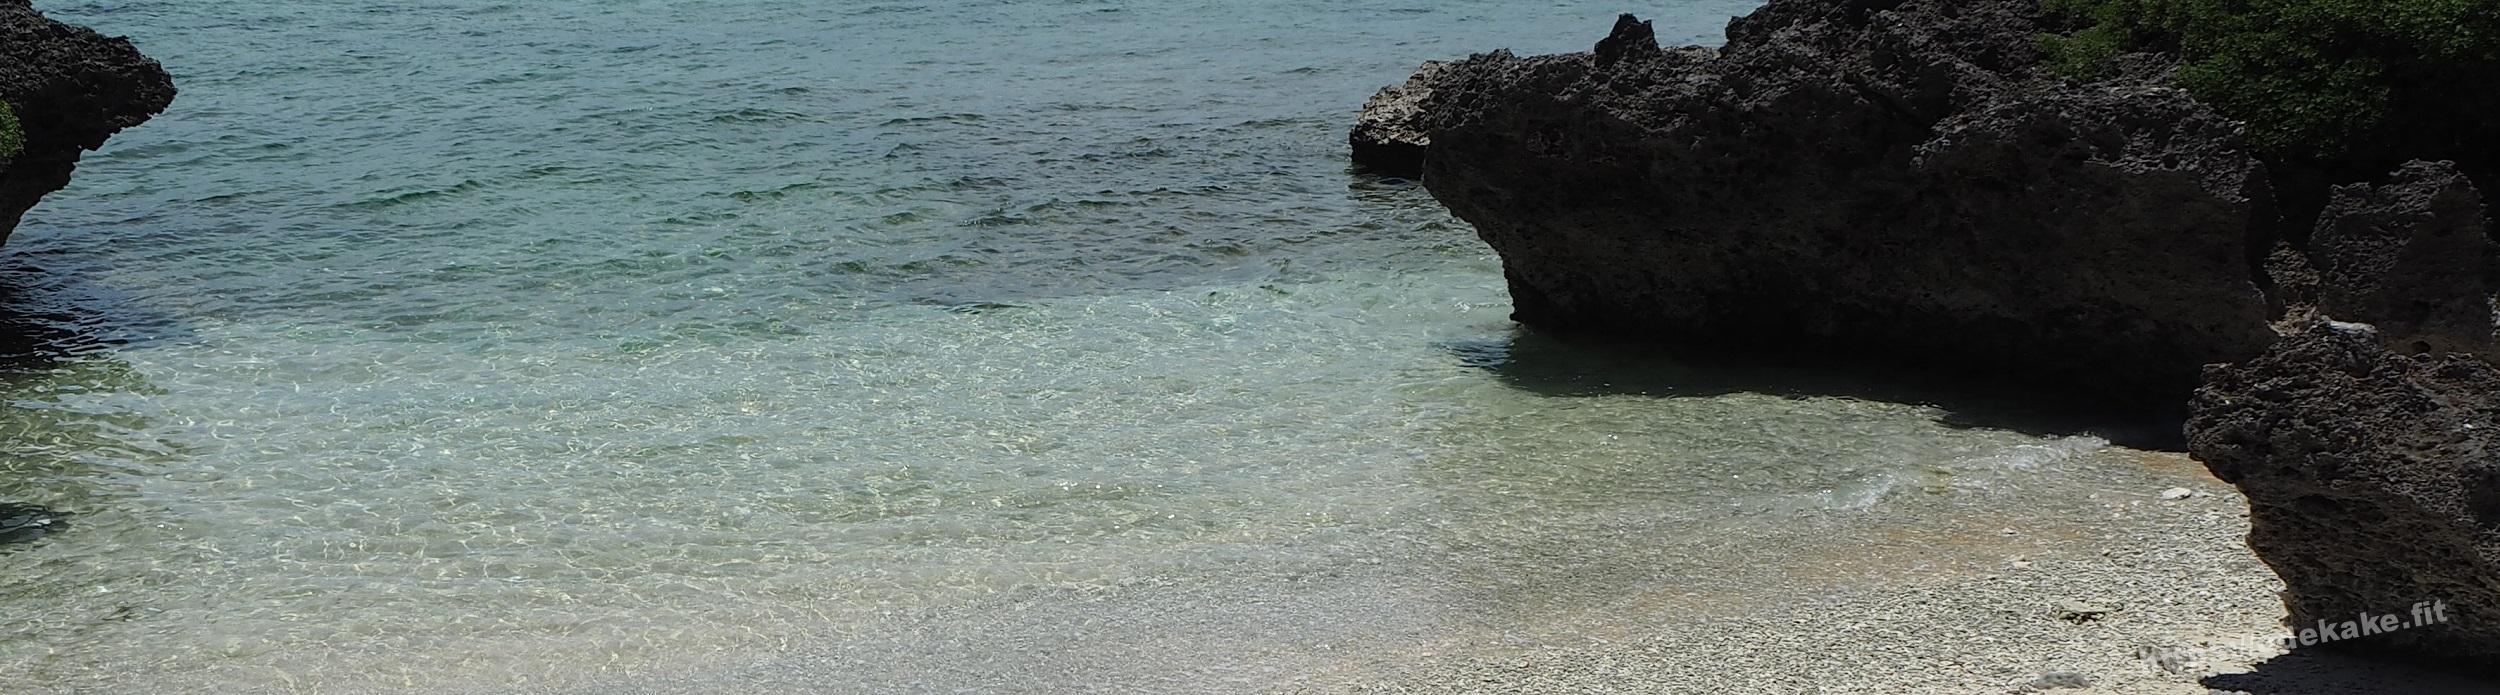 【波照間島7】ナリサ浜の珊瑚の山に座って1人黄昏る(サンゴ浜/毛崎)